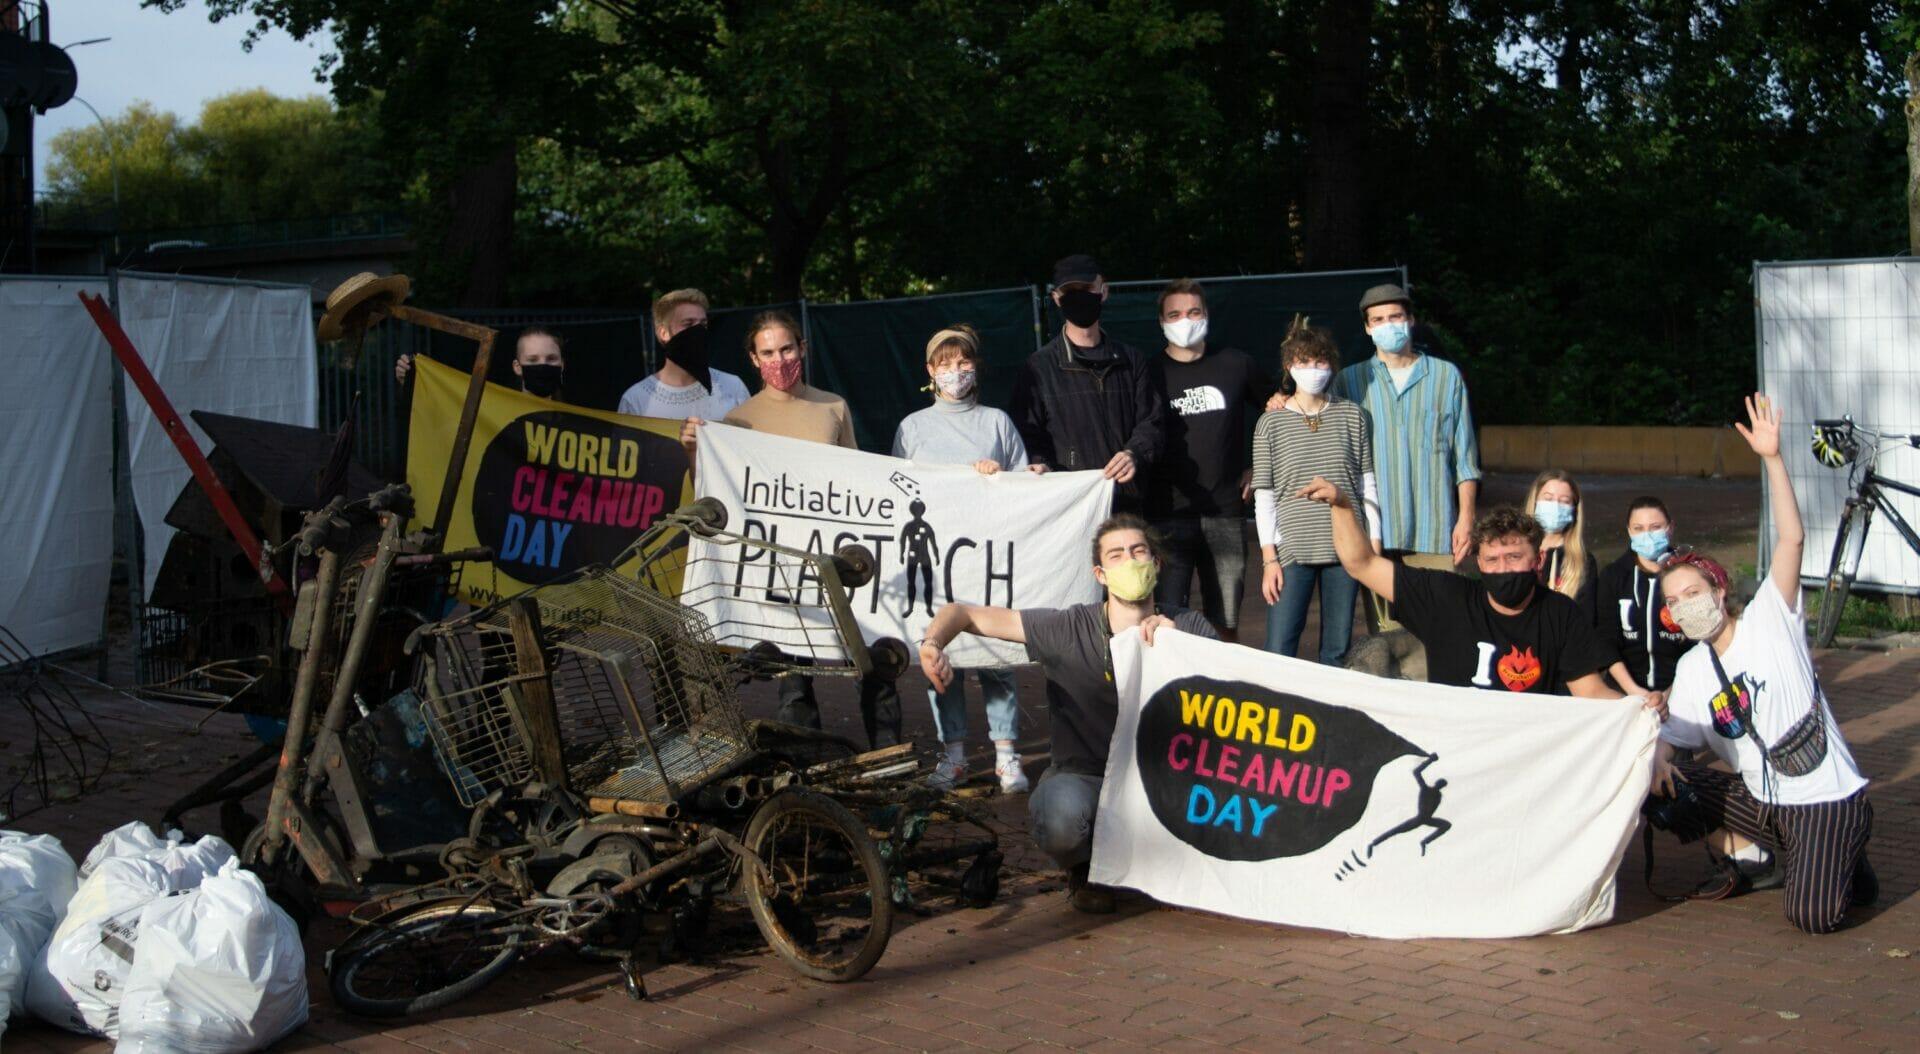 Initiative Plastich InselCleanUp Wilhelmsburg (Hamburg)